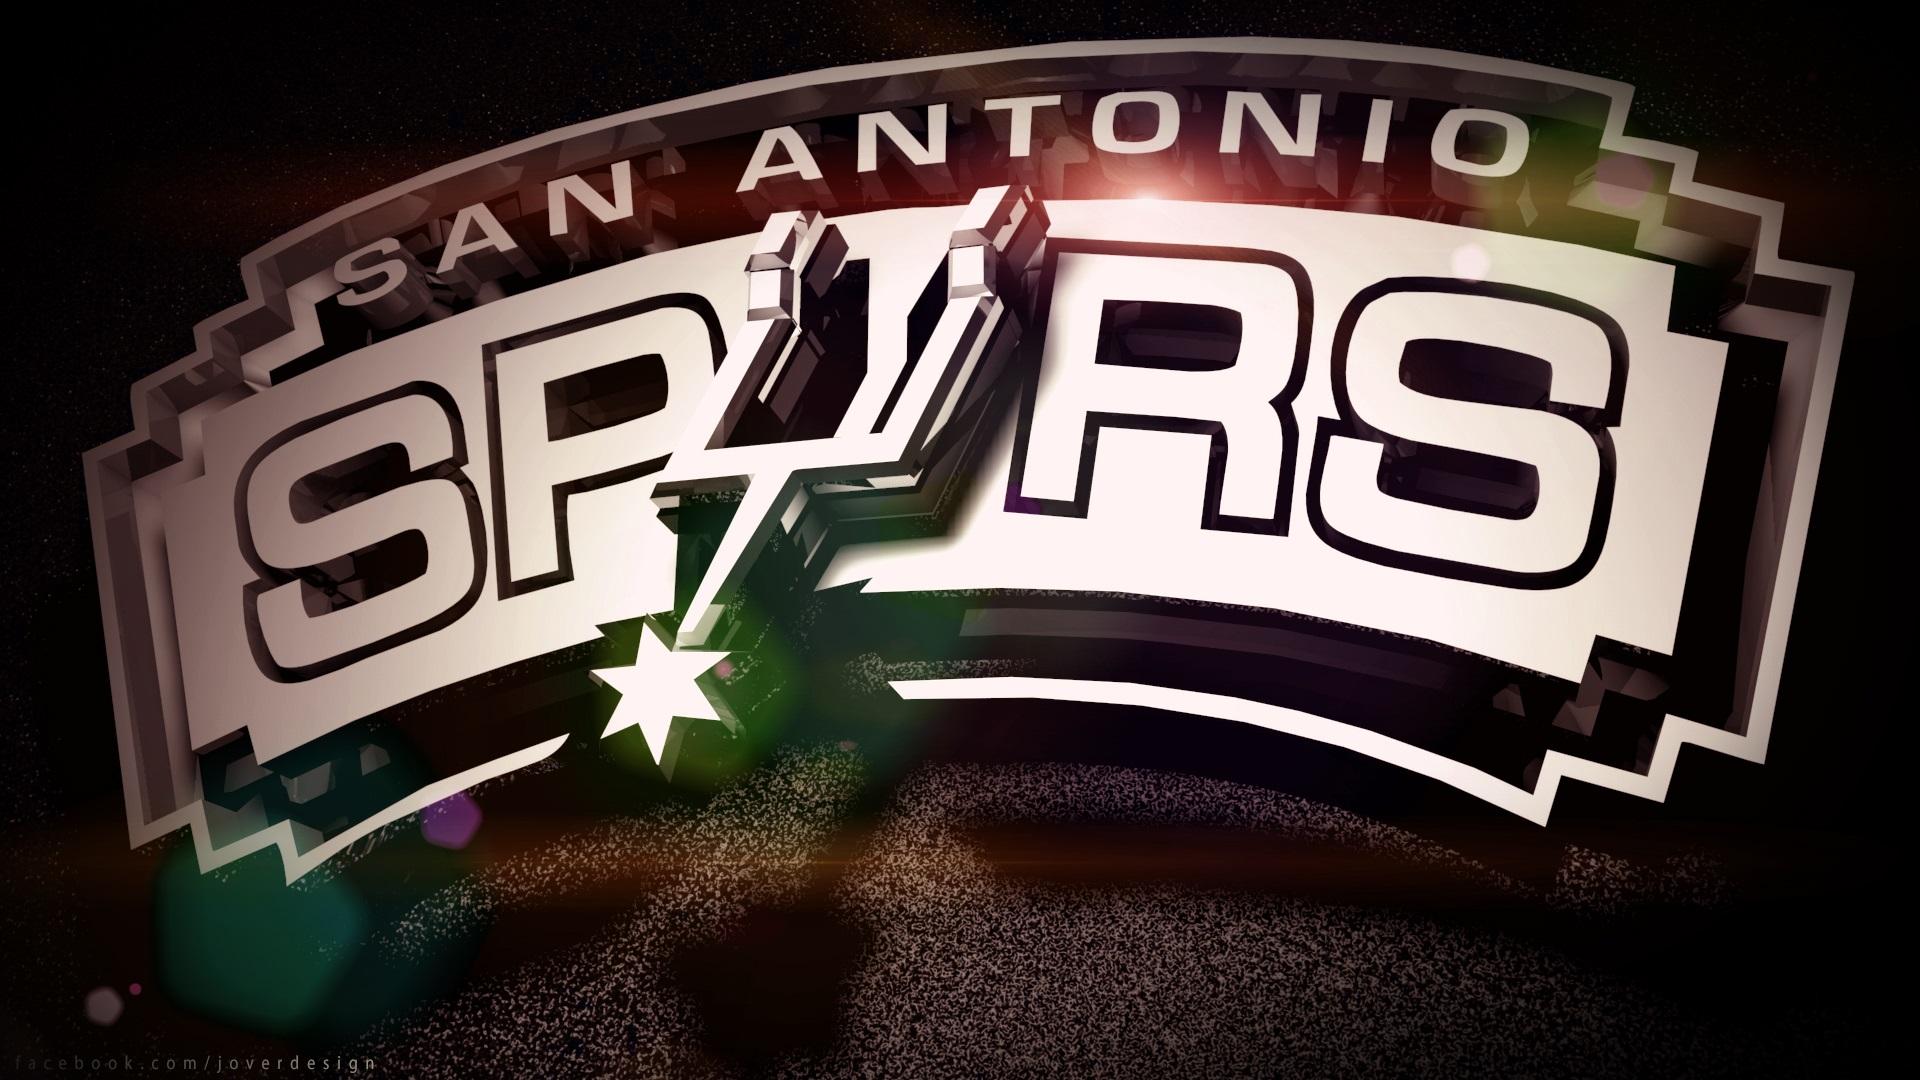 San Antonio Spurs Wallpaper 2014